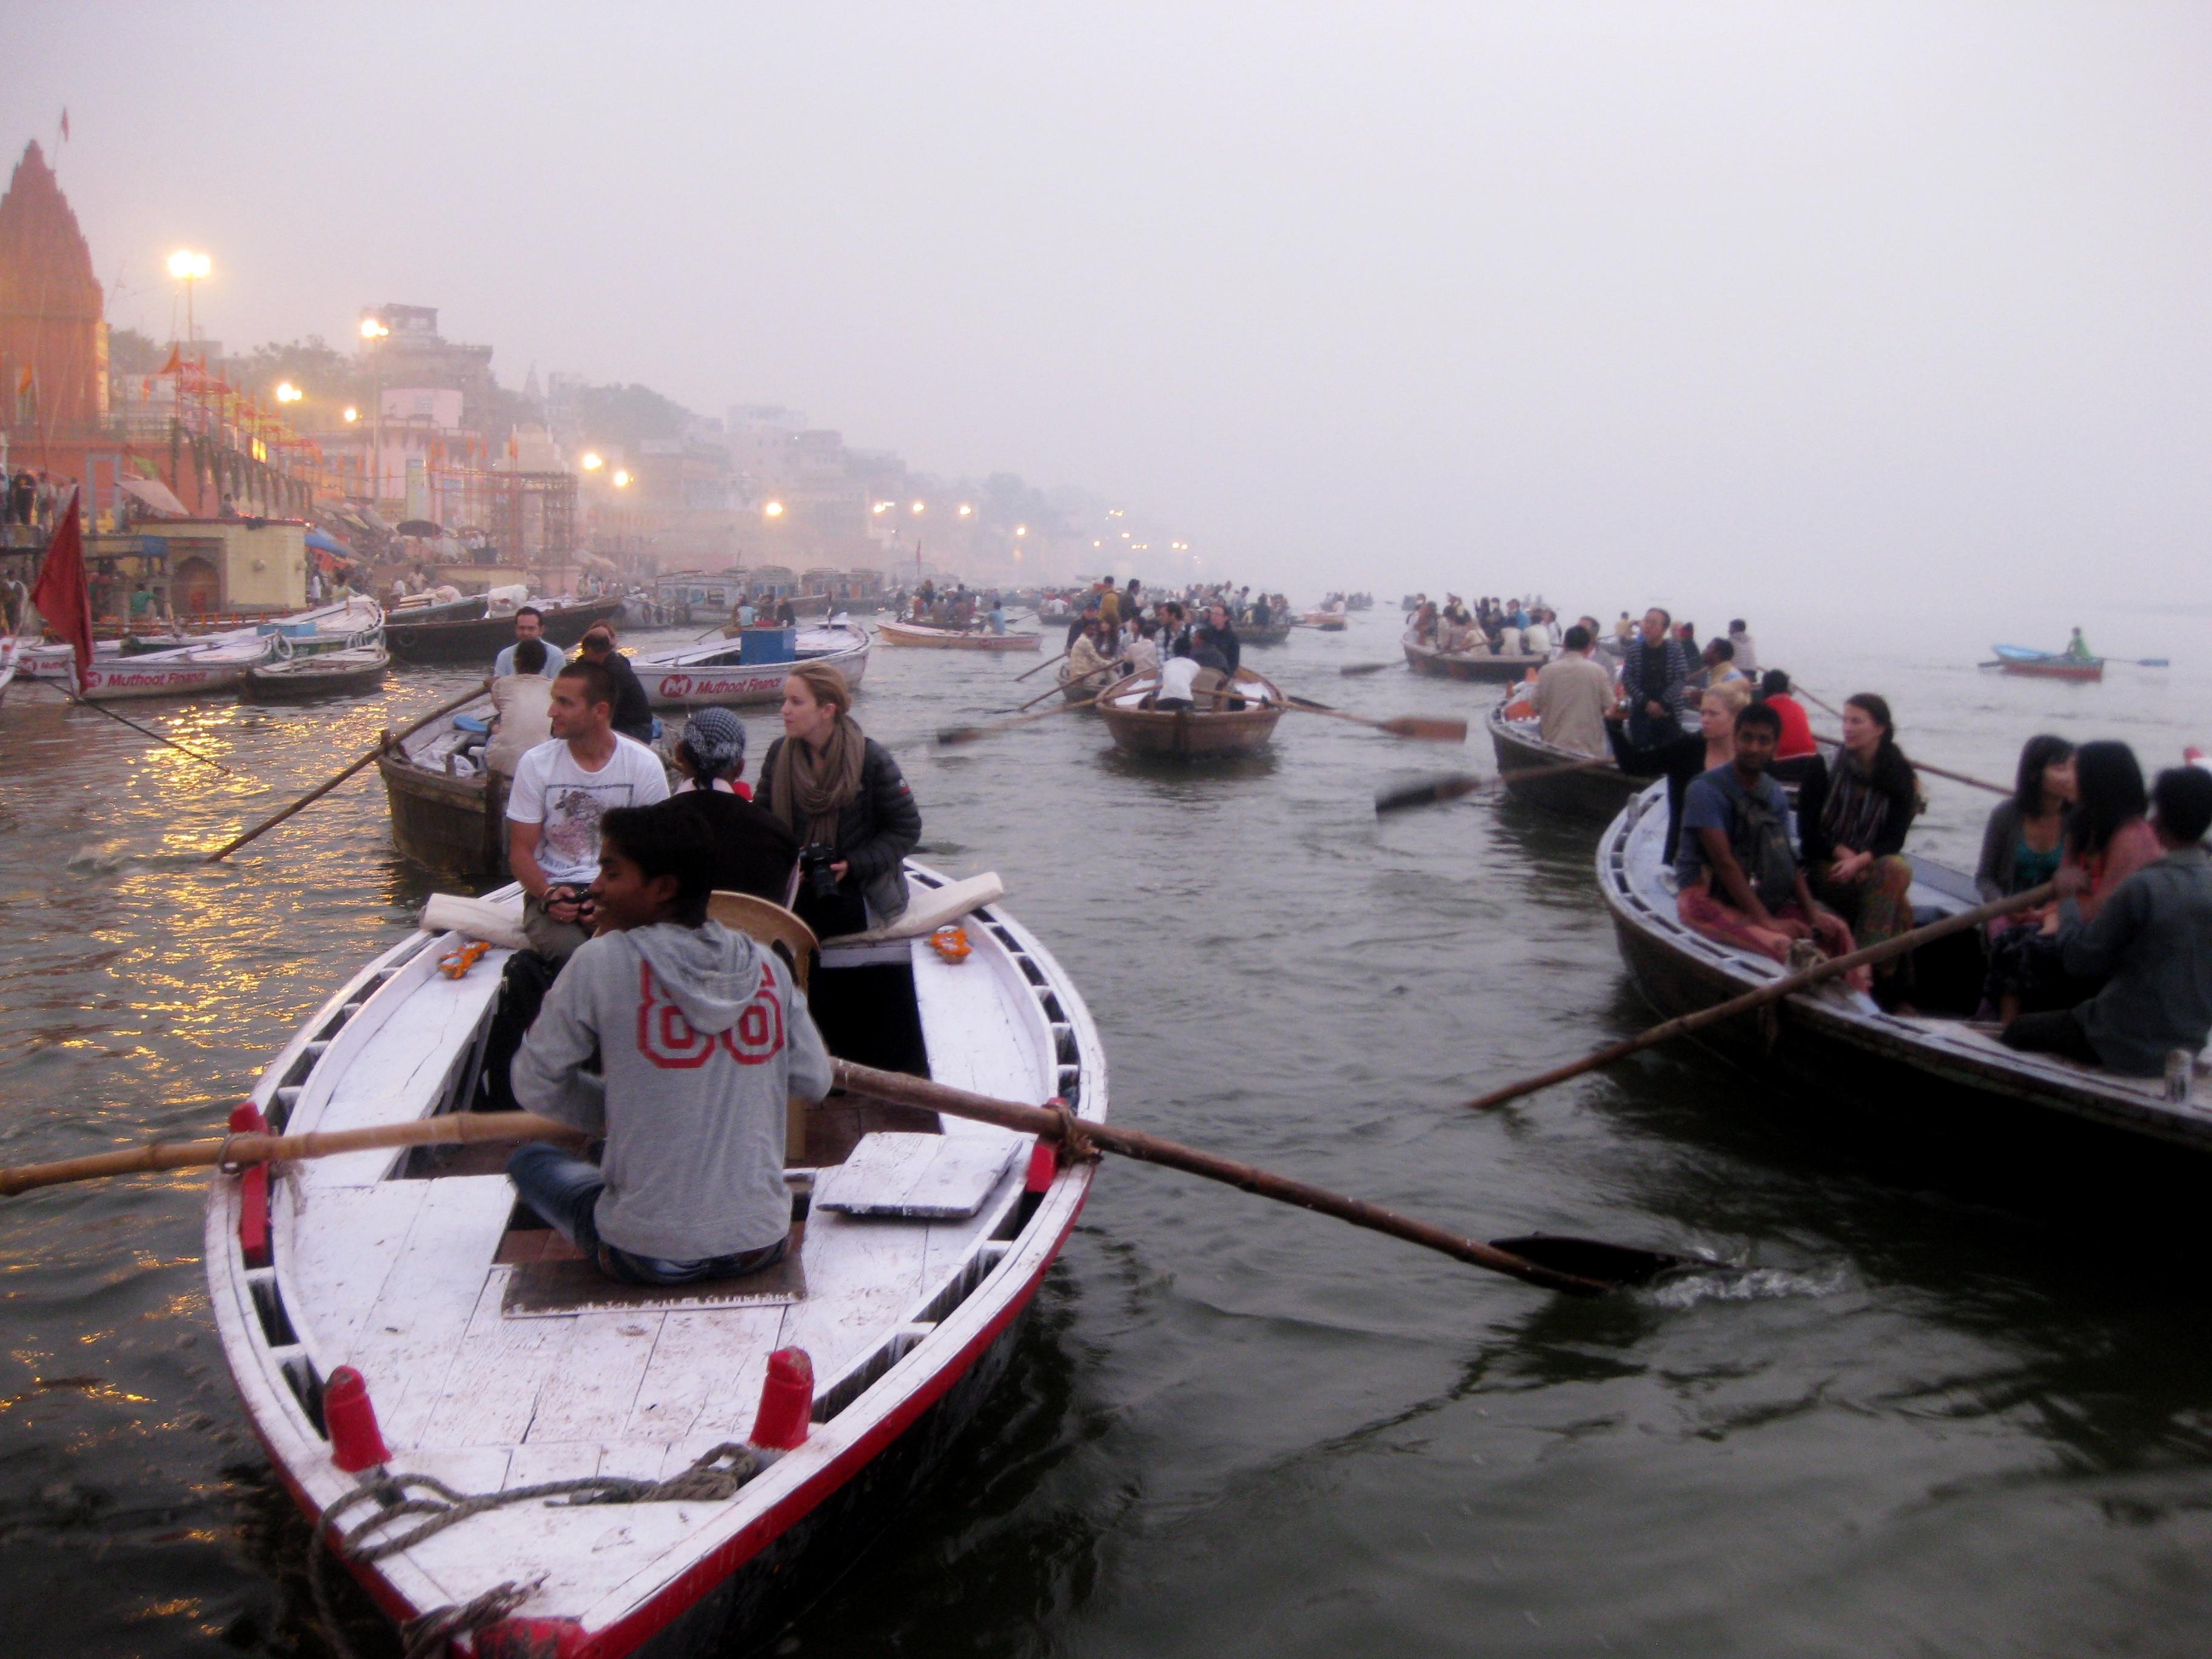 Утром на рассвете на Ганге тесно от туристических лодок